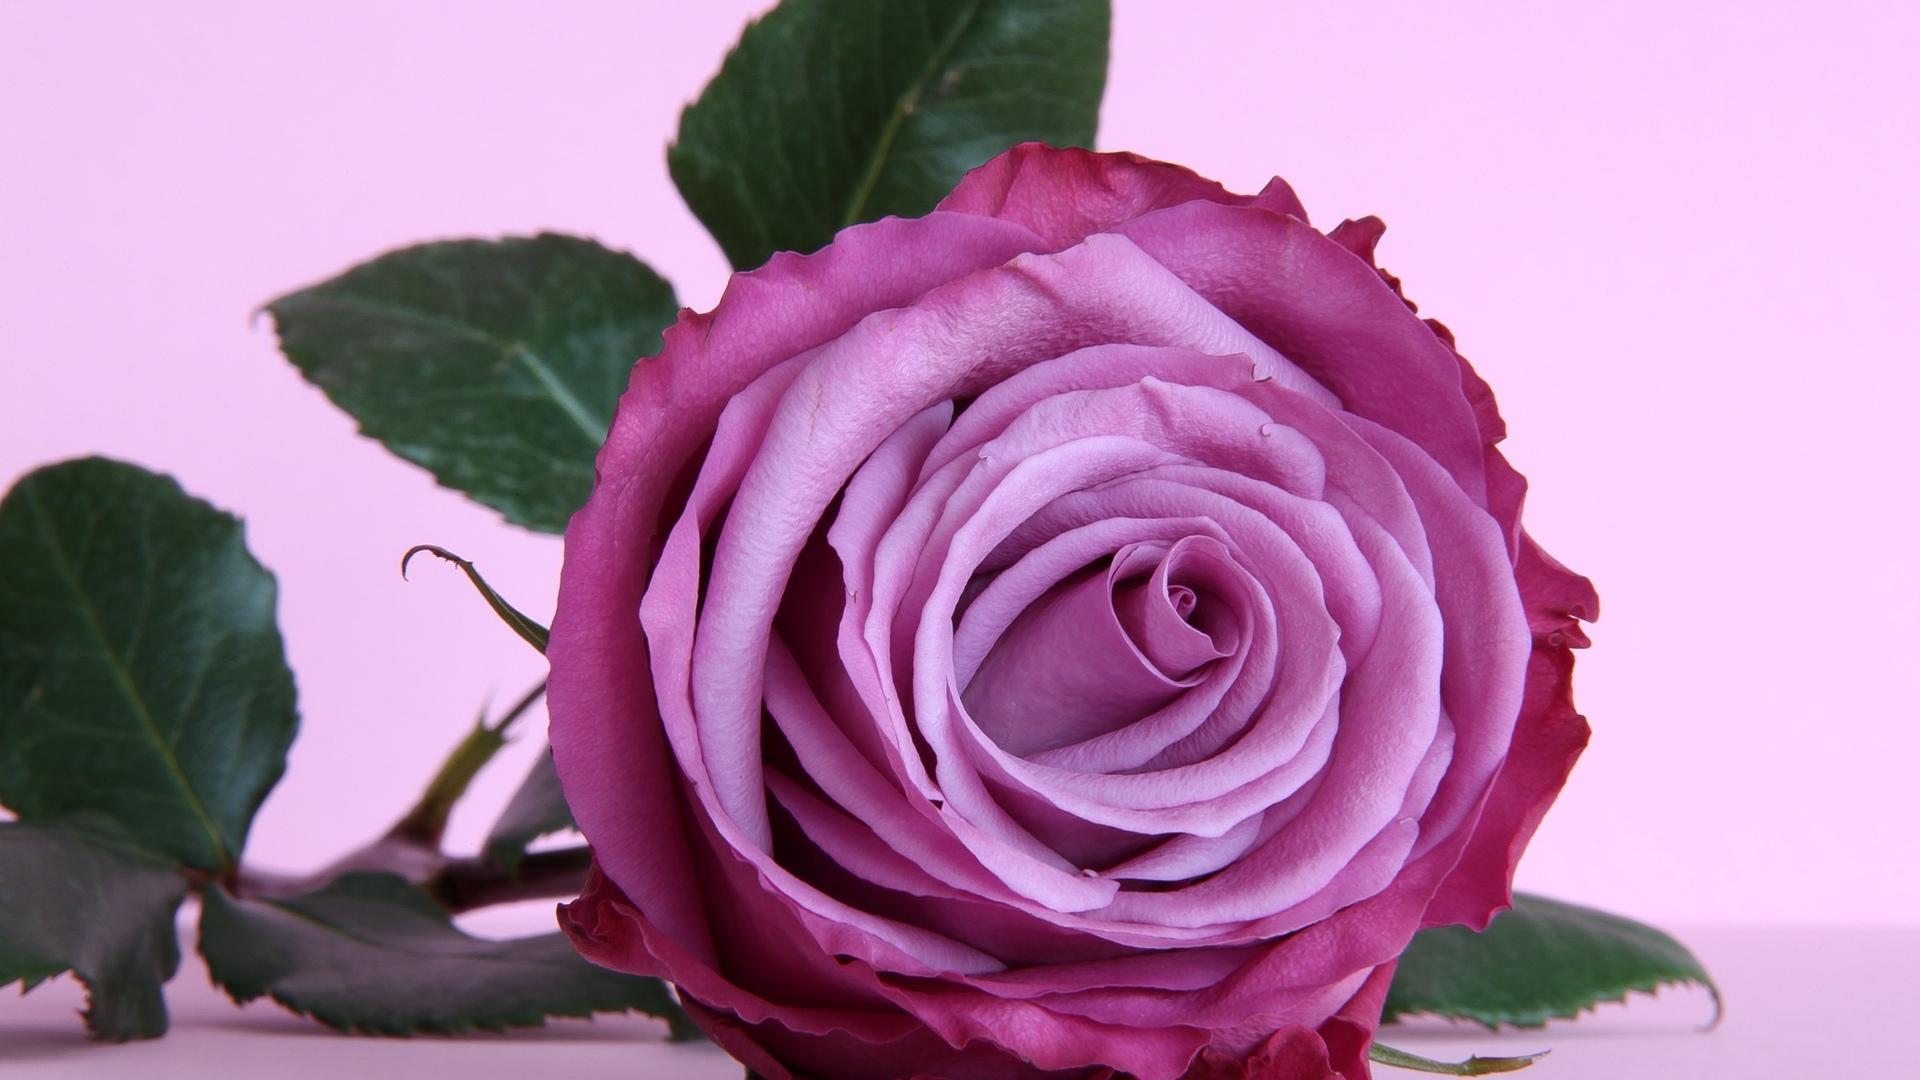 Роза  № 1599279  скачать